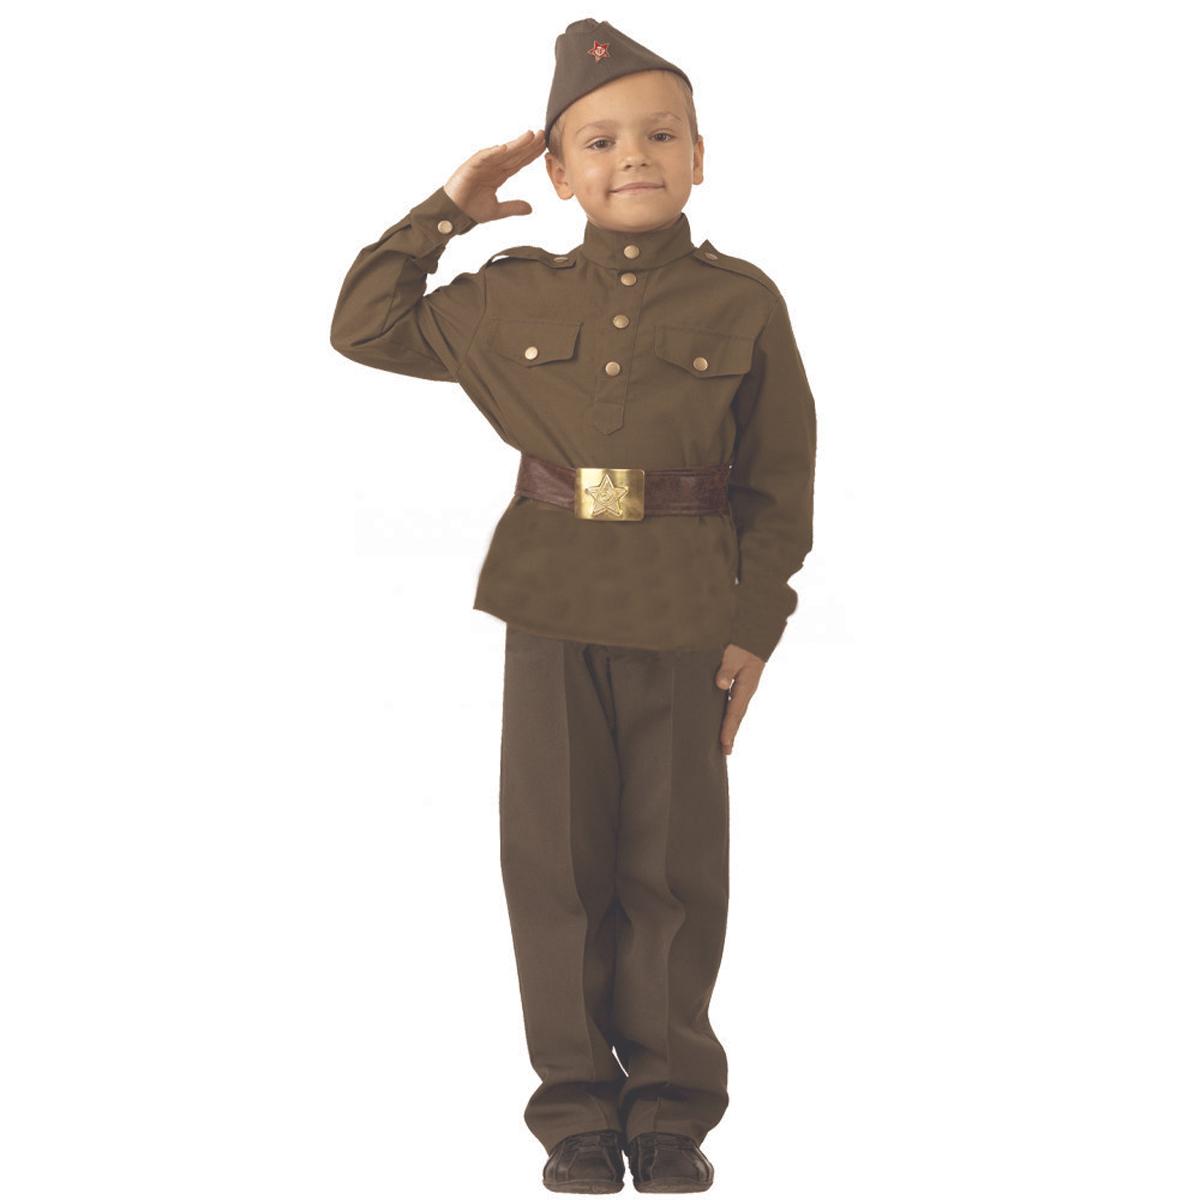 Батик Костюм карнавальный для мальчика Солдат размер 34 пилотка страна карнавалия солдат размер 56 58 см